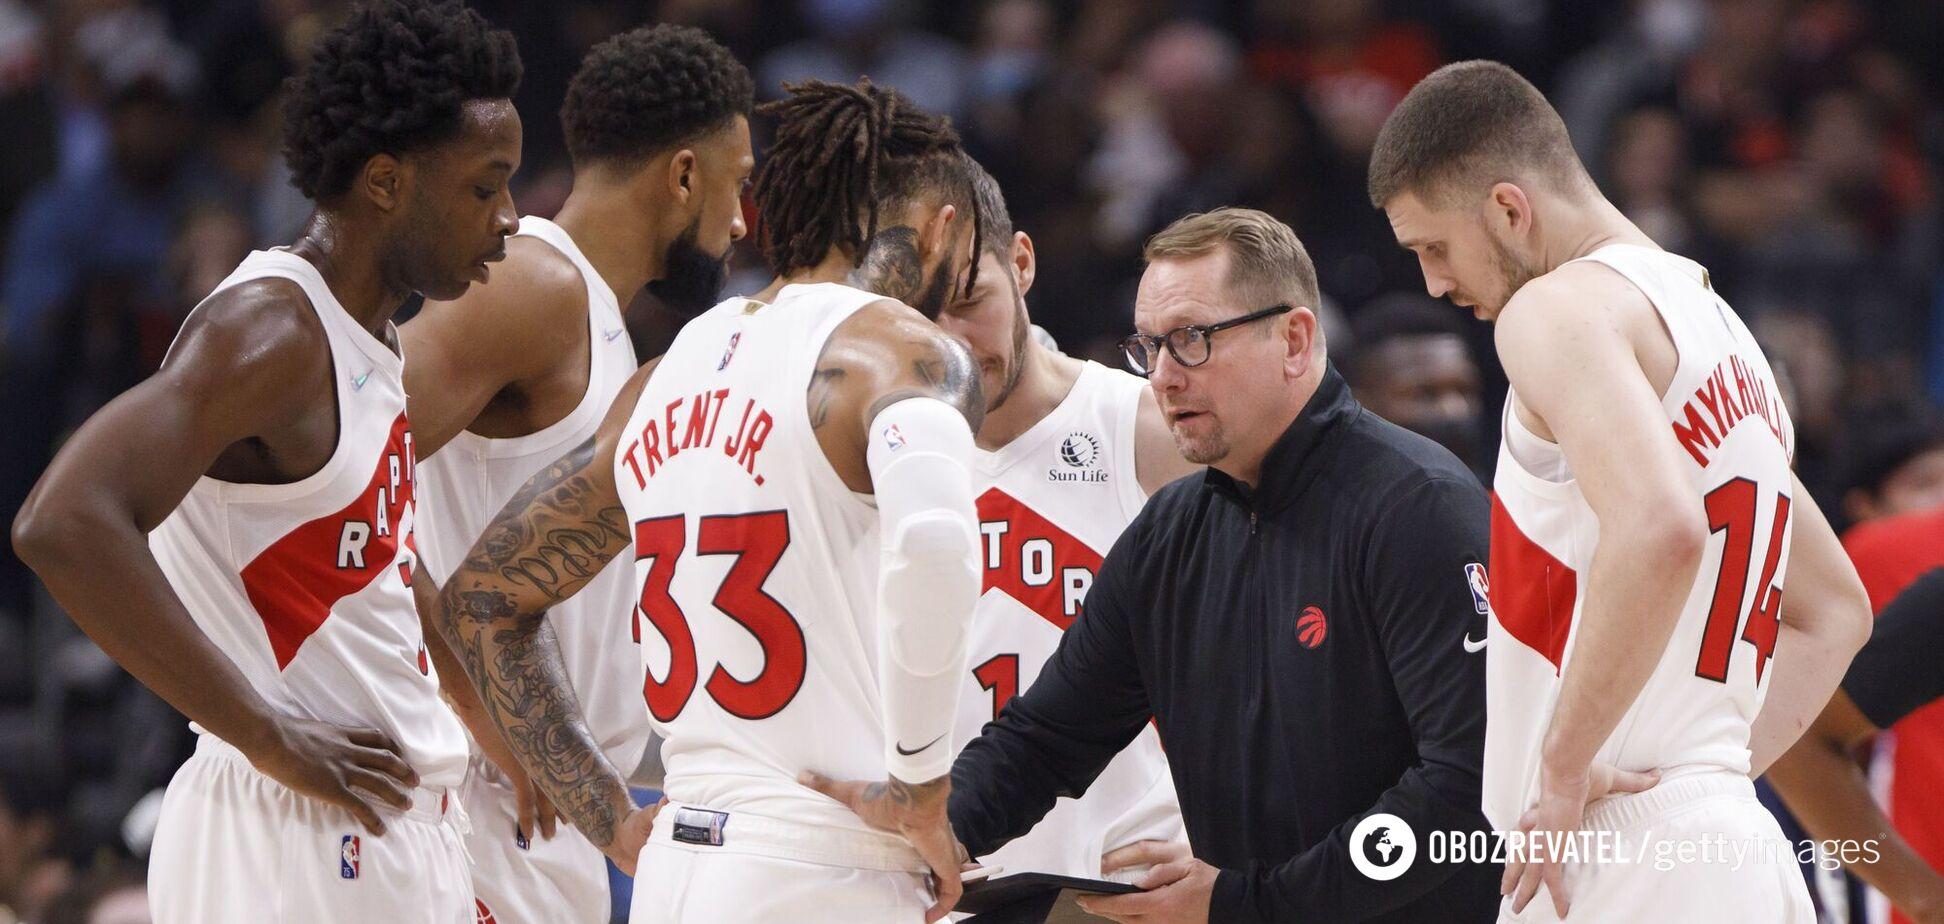 'Торонто Рэпторс' Михайлюка драматически проиграли 'Чикаго Буллз' в НБА